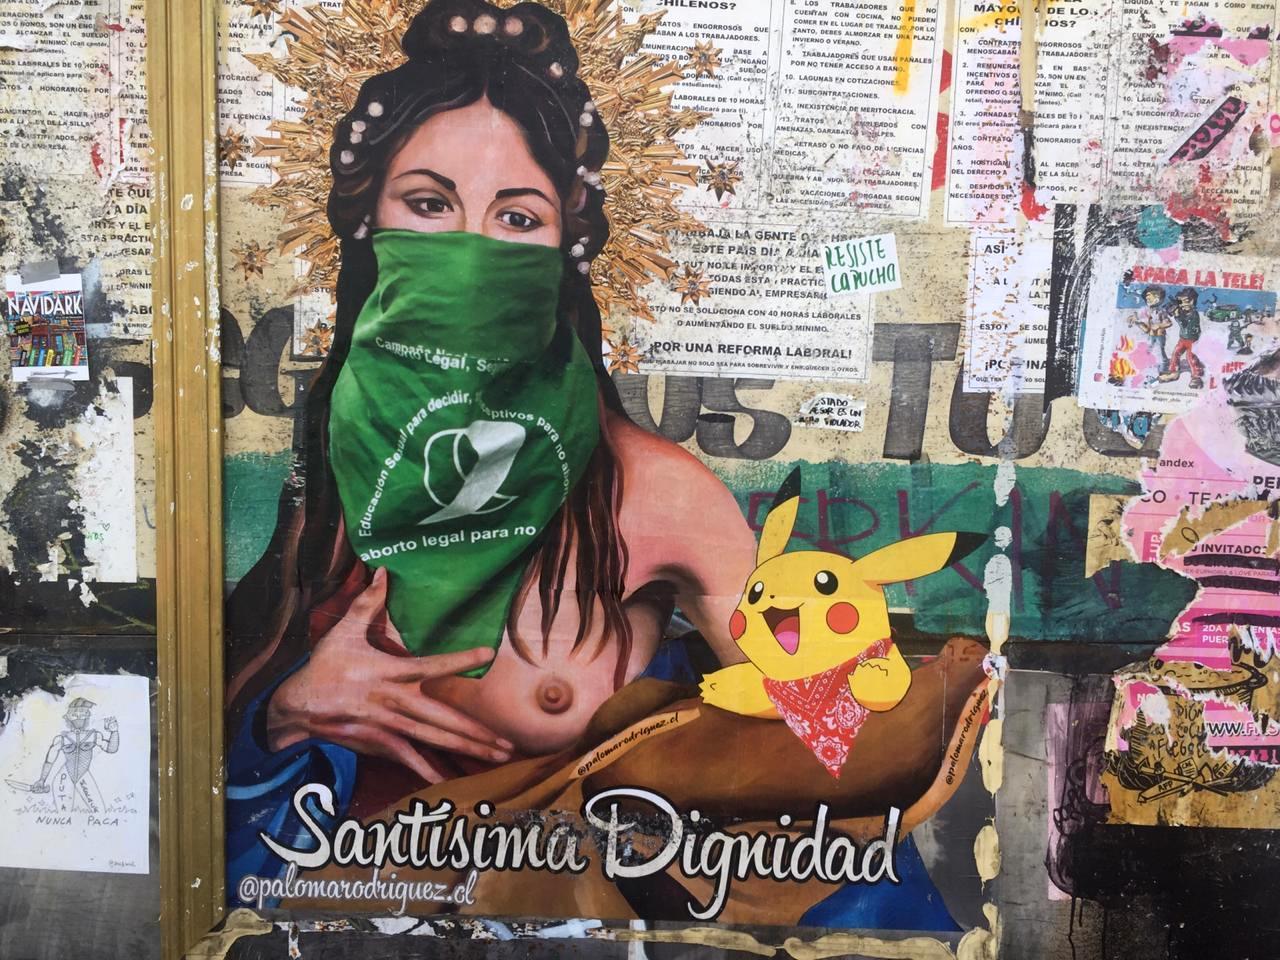 santiago de chile aborto legal pañuelo verde mujeres feminism feminismo